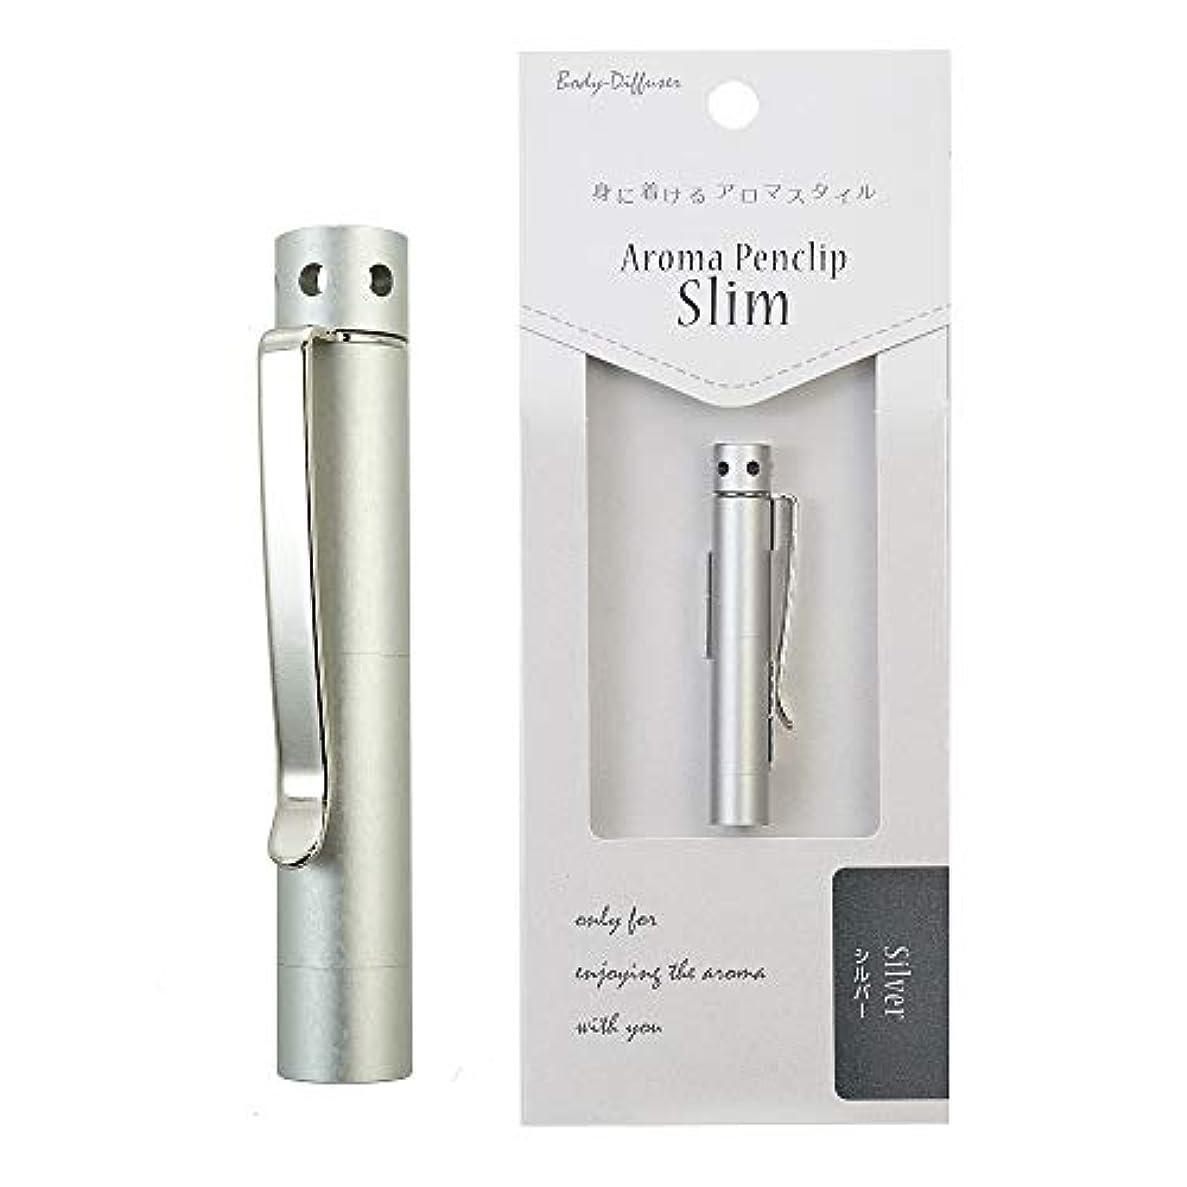 に応じてスクラップブックピストルボディディフューザー (Body-Diffuse) Body-Diffuser アロマペンクリップ SV 8mm×52mm